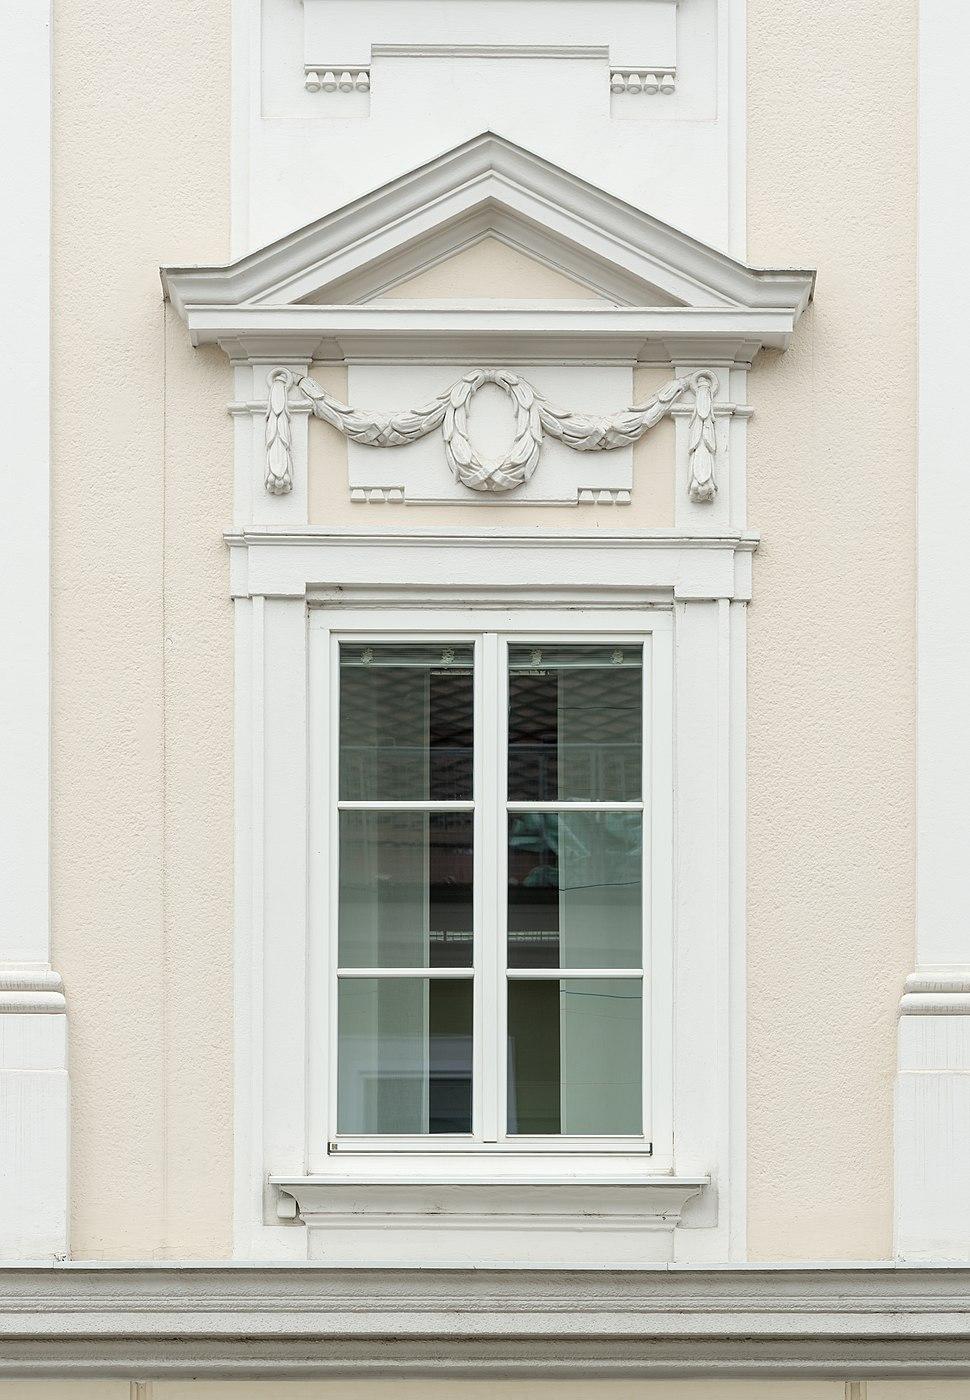 Klagenfurt Neuer Platz 14 Kaerntner Sparkassa S-Seite Fenster 23072016 3922